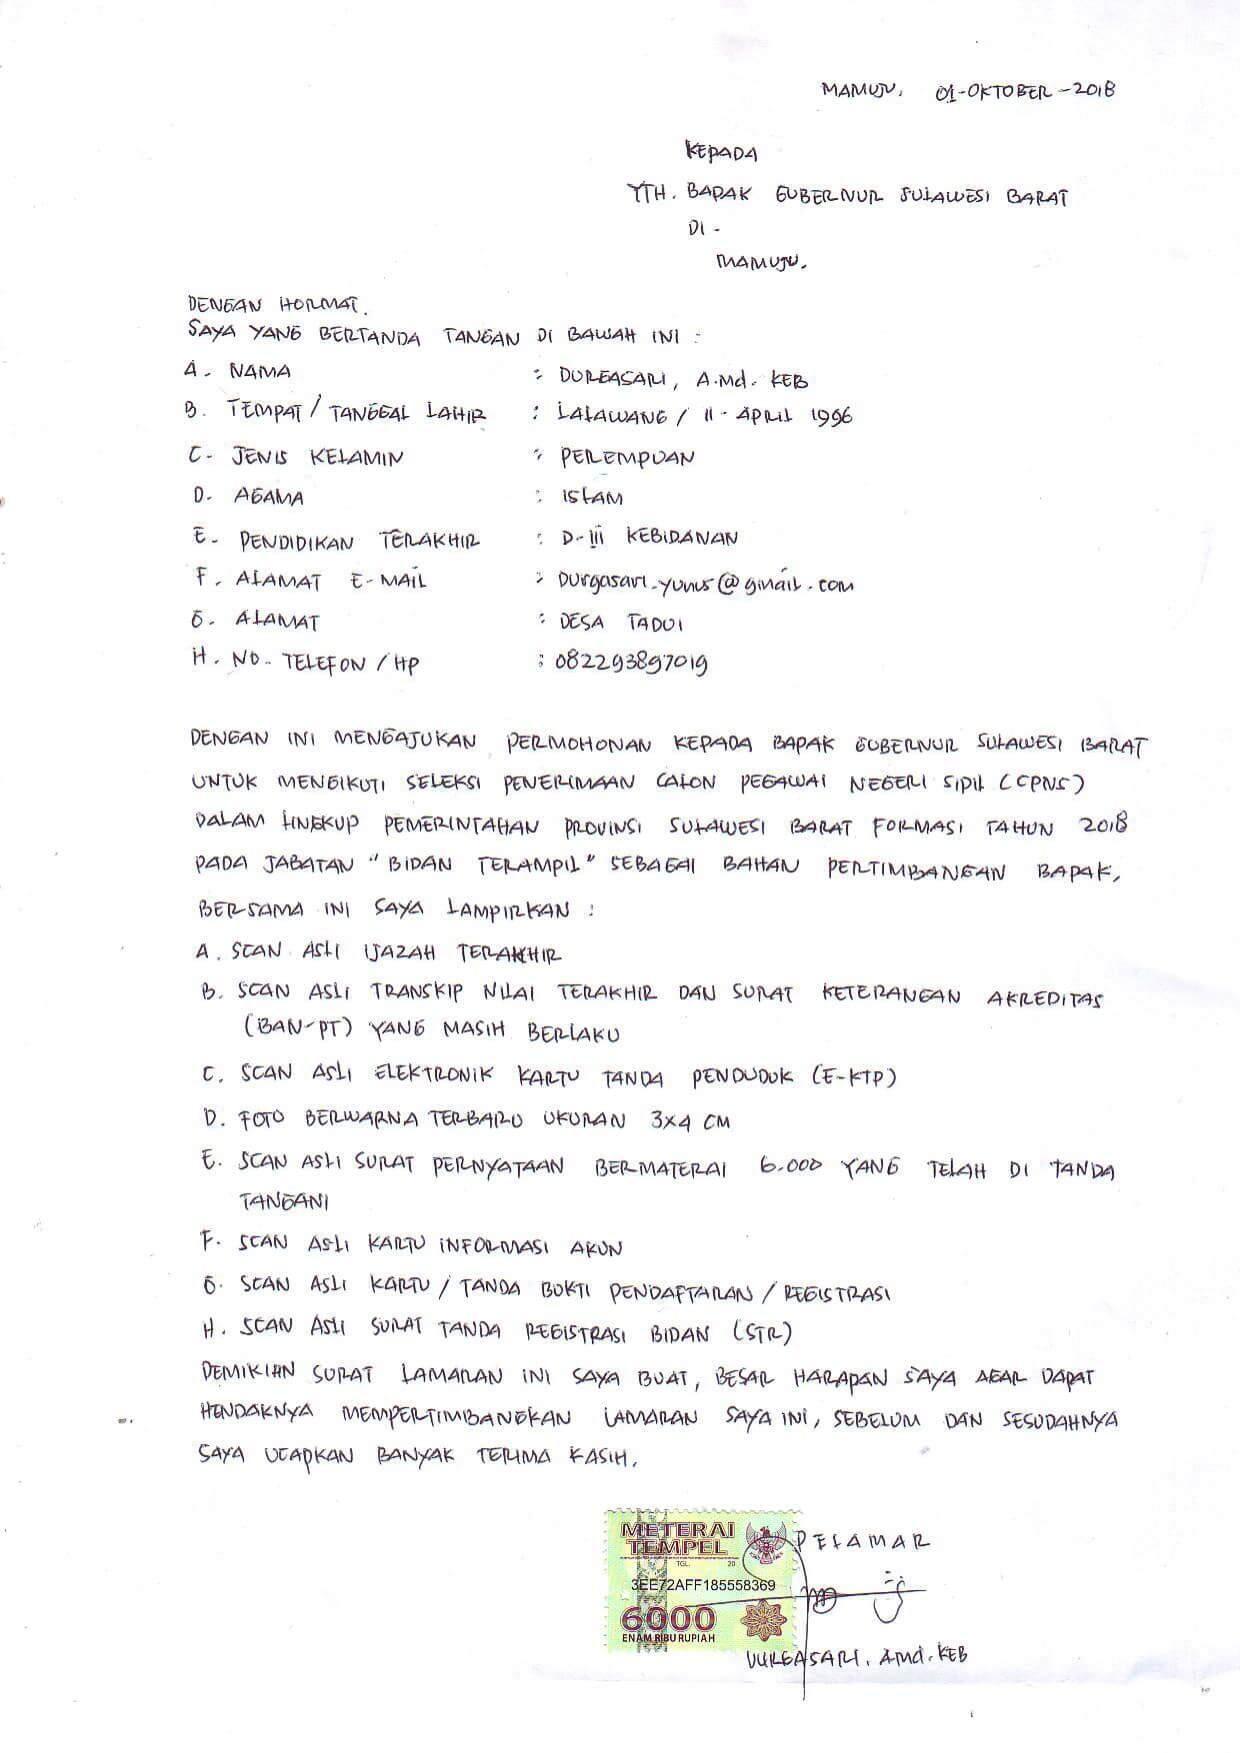 Contoh Surat Lamaran Kerja Tulis Tangan 3